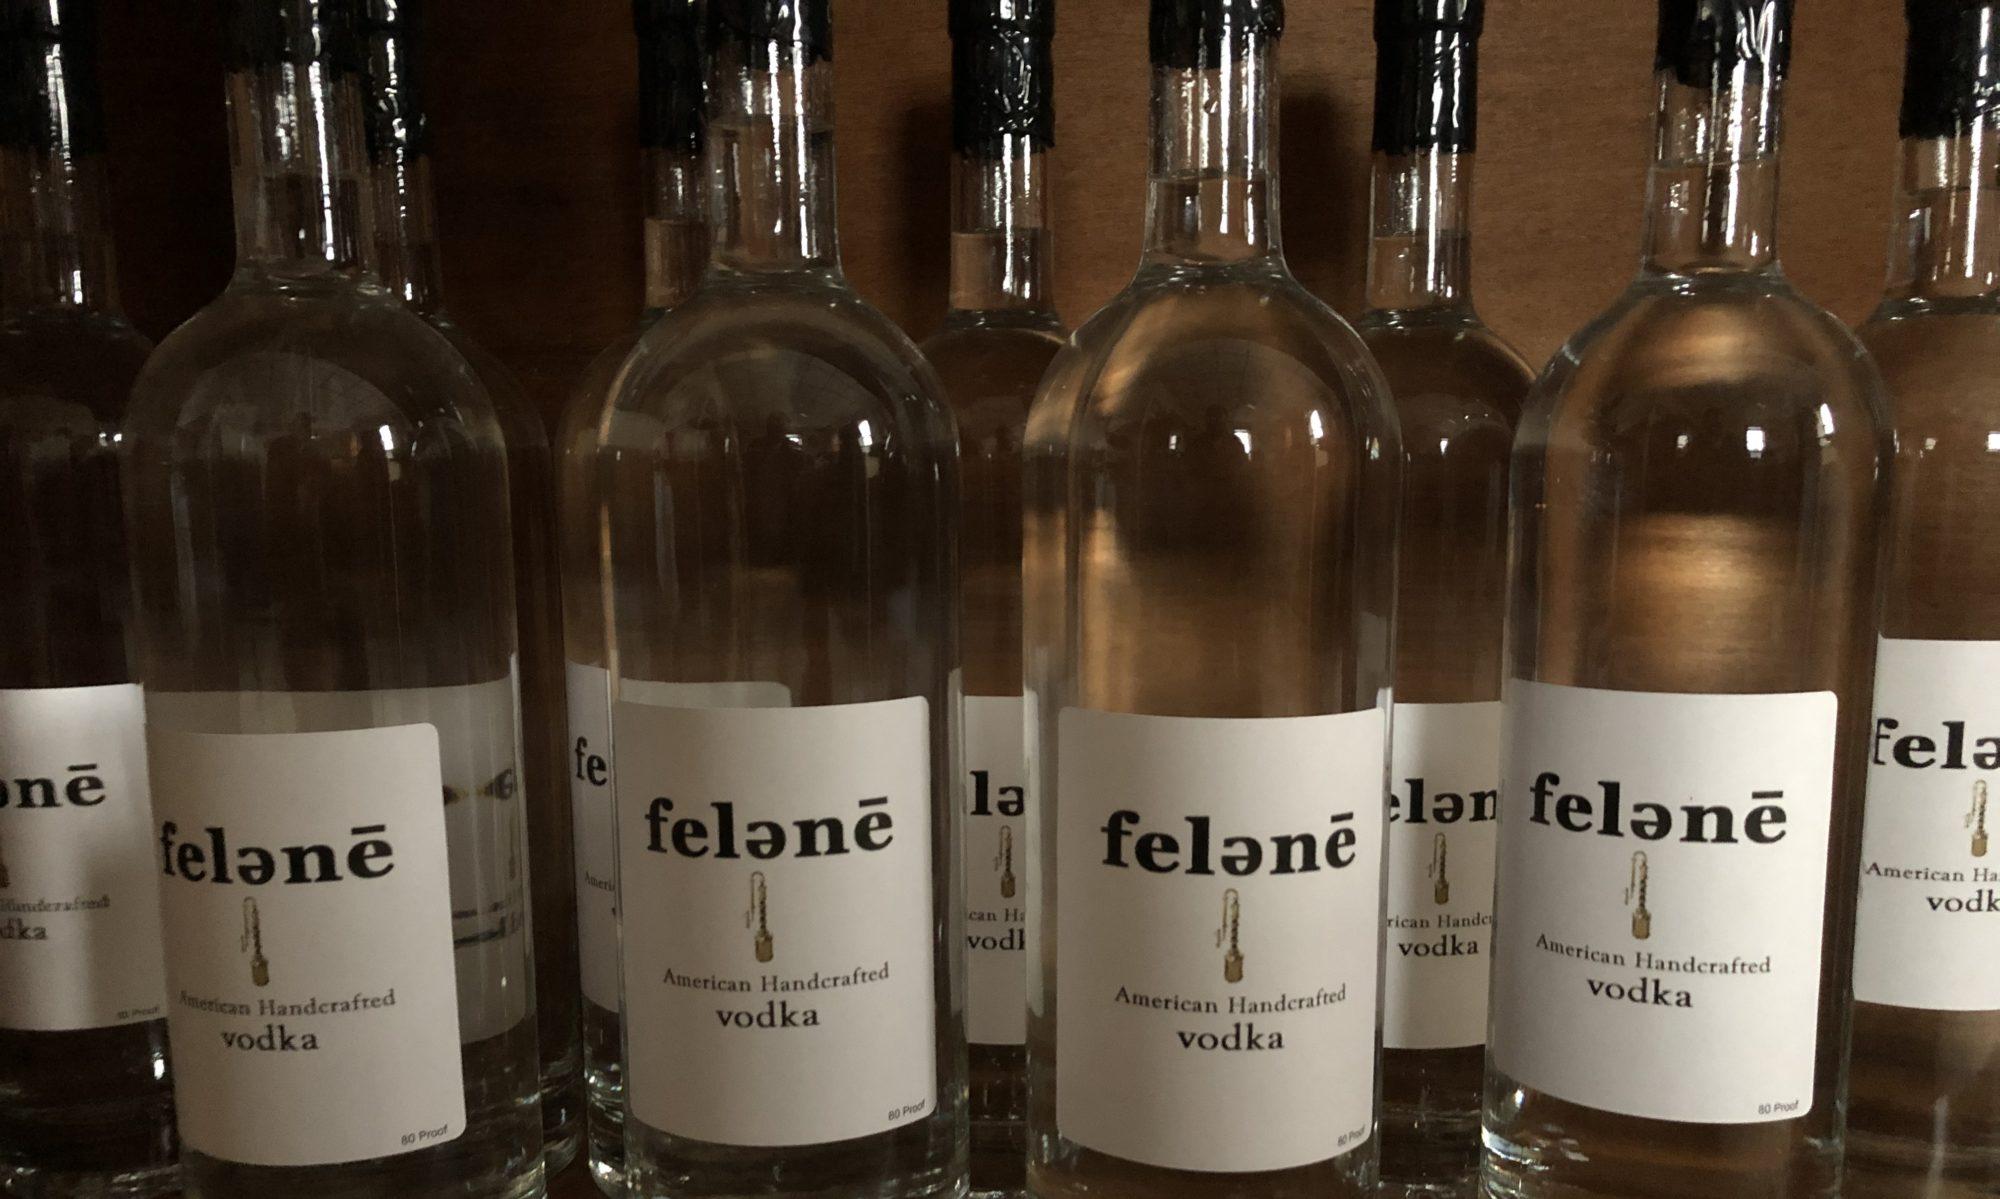 felənē vodka